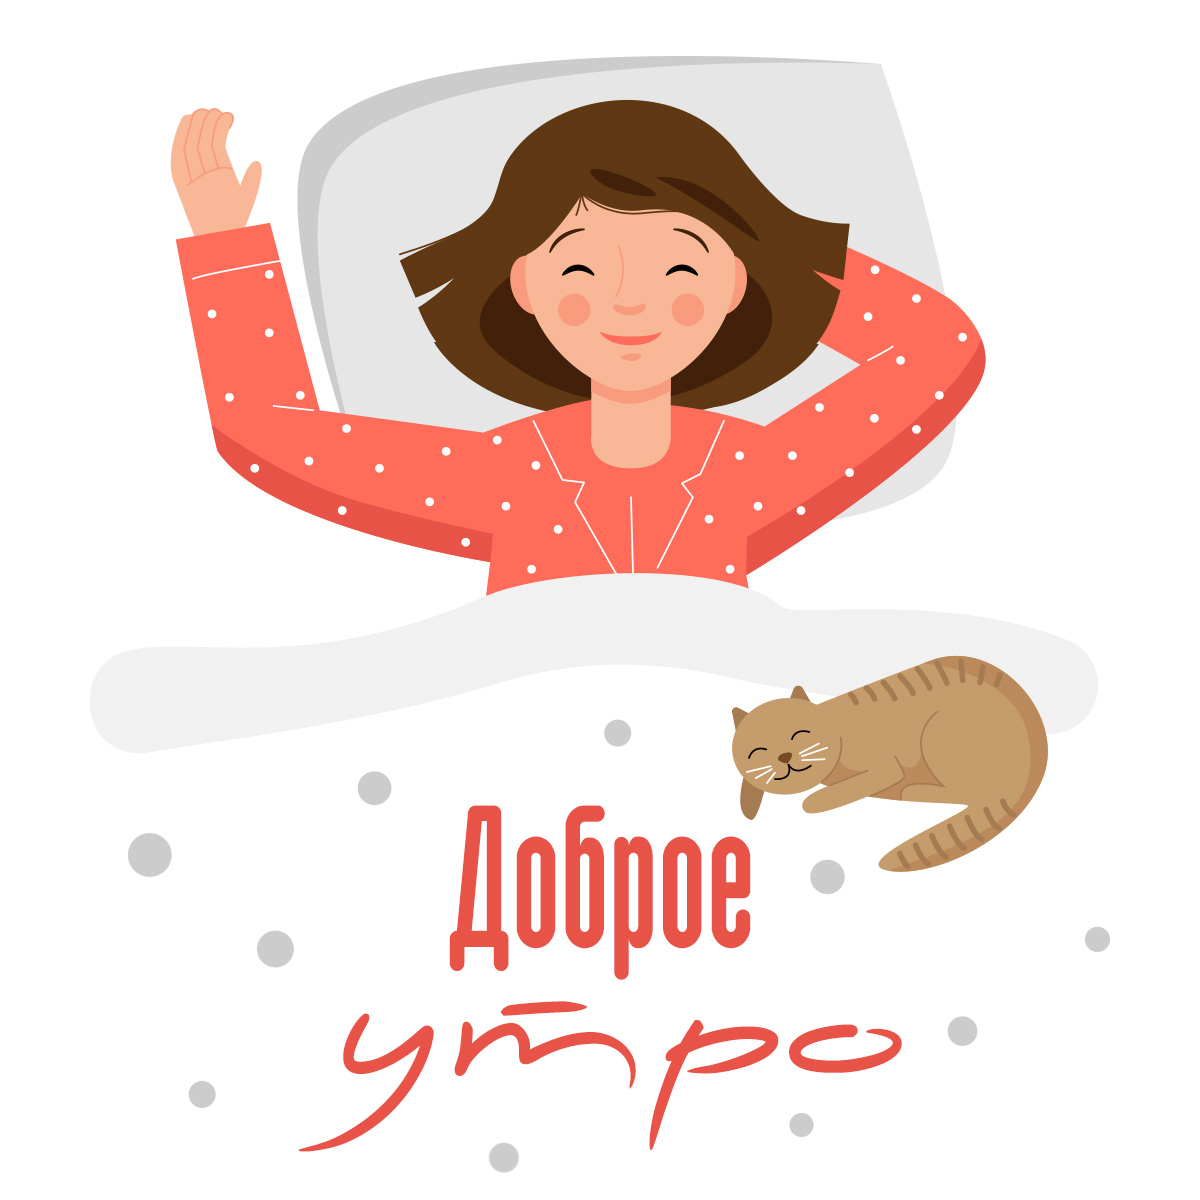 Картинка с надписью доброе утро: счастливая женщина с коричневыми волосами в красной пижаме на подушке под одеялом и нарисованным котом.